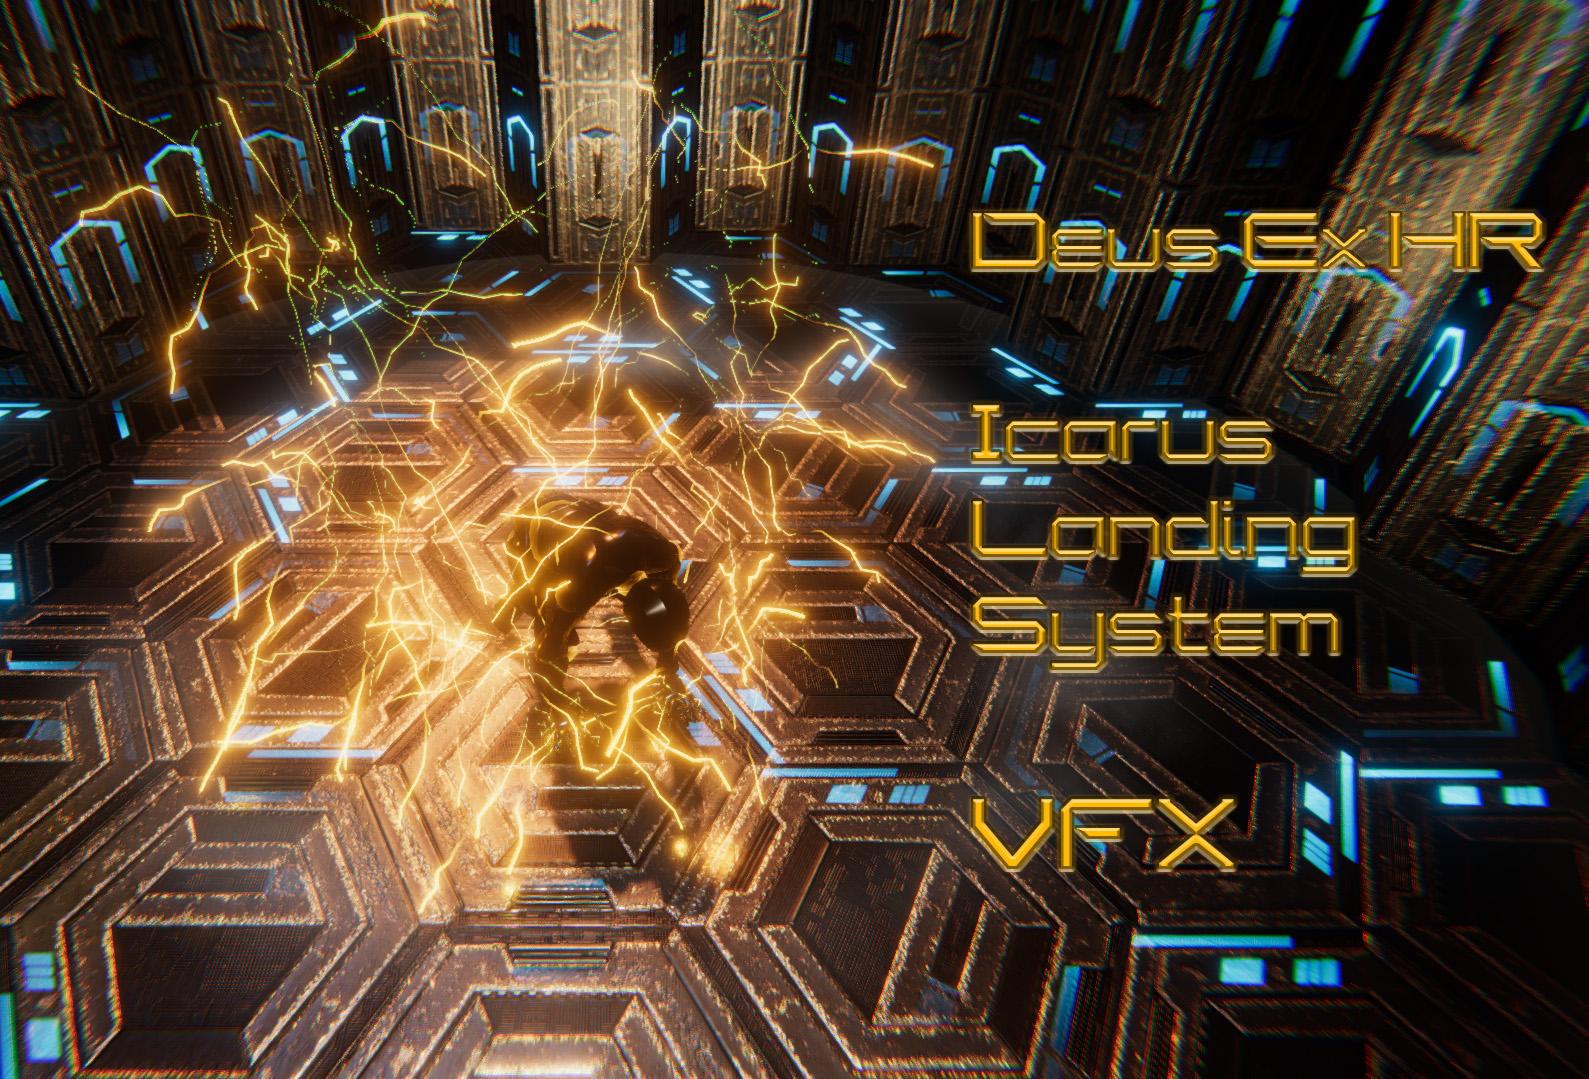 VFX - Icarus Landing System (Deus EX HR)